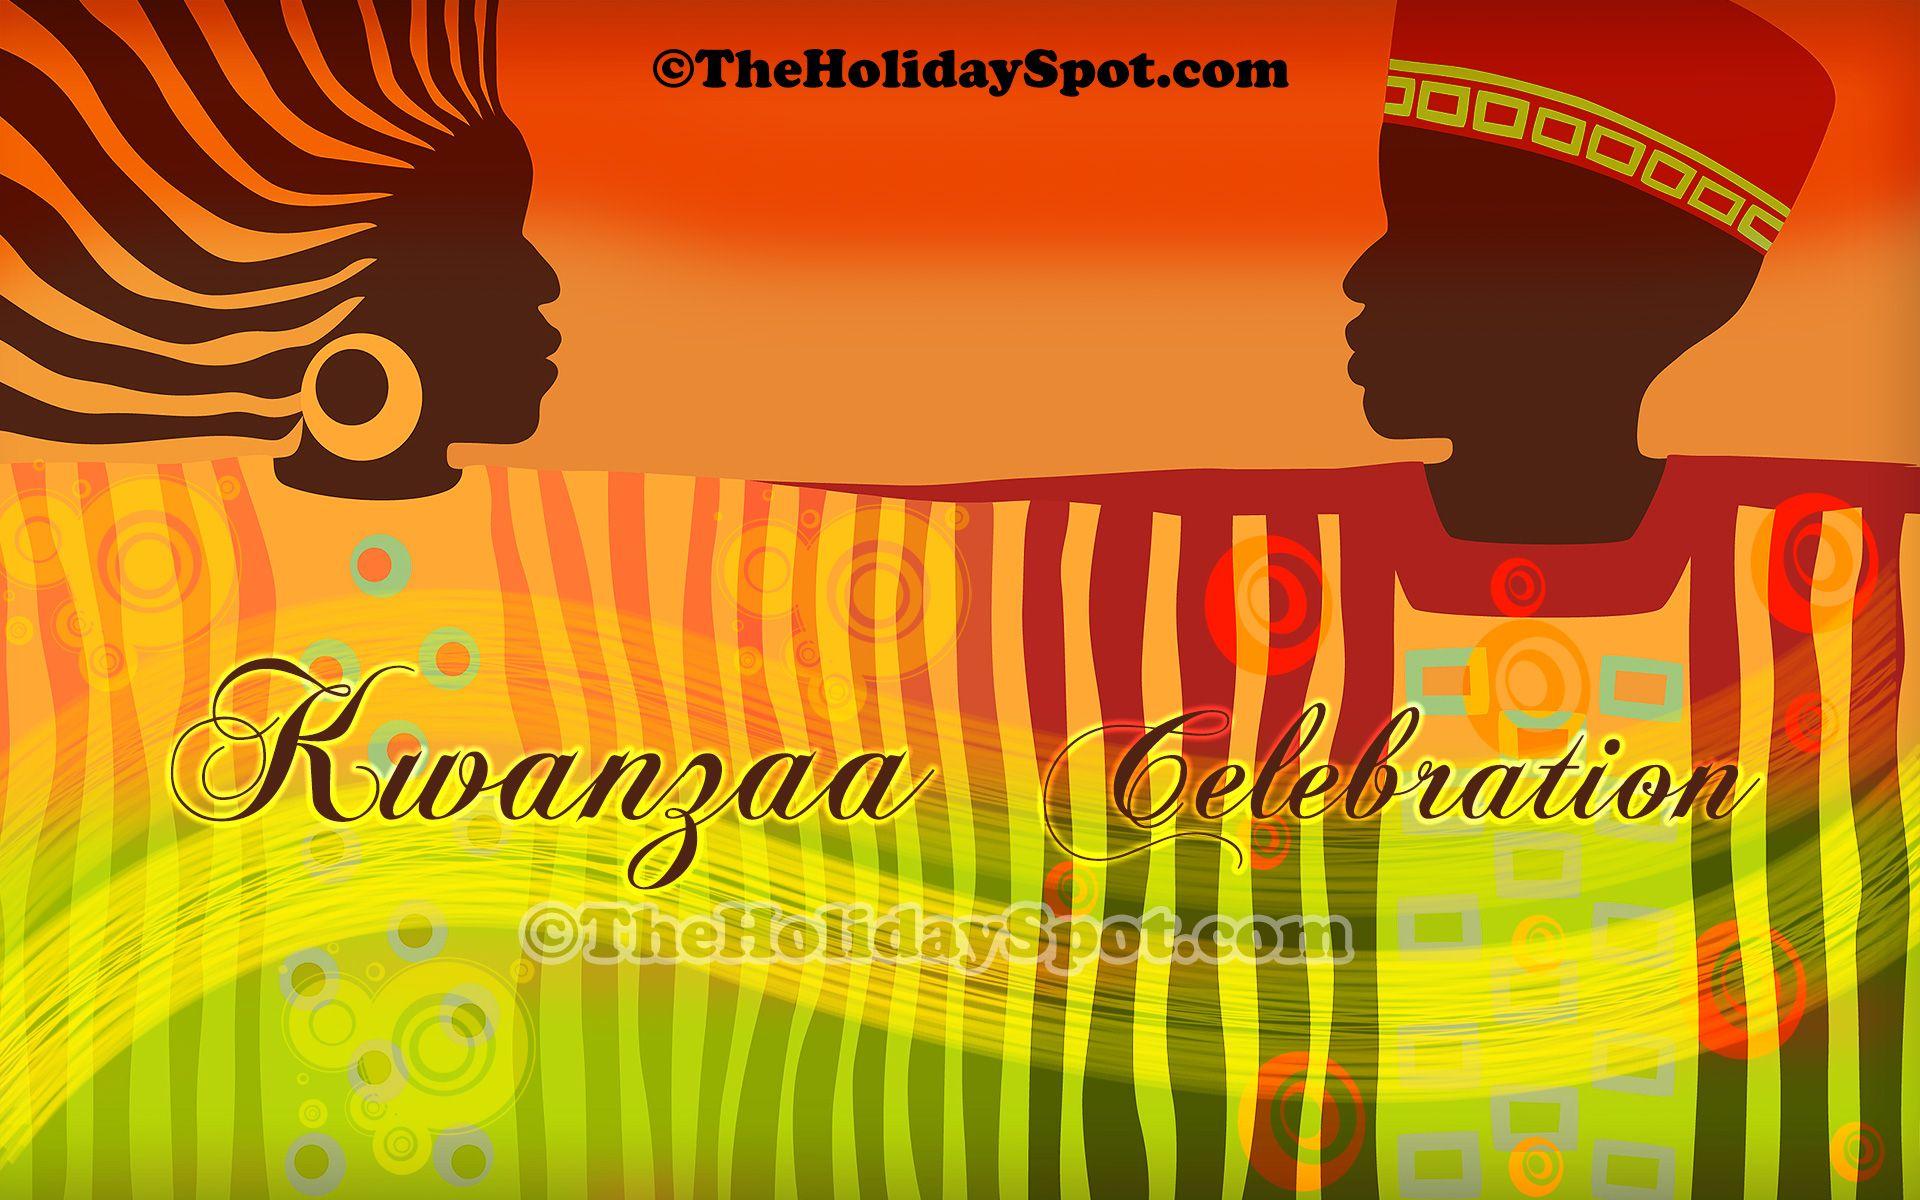 kwanzaa images high quality wallpaper on Kwanzaa celebration 1920x1200